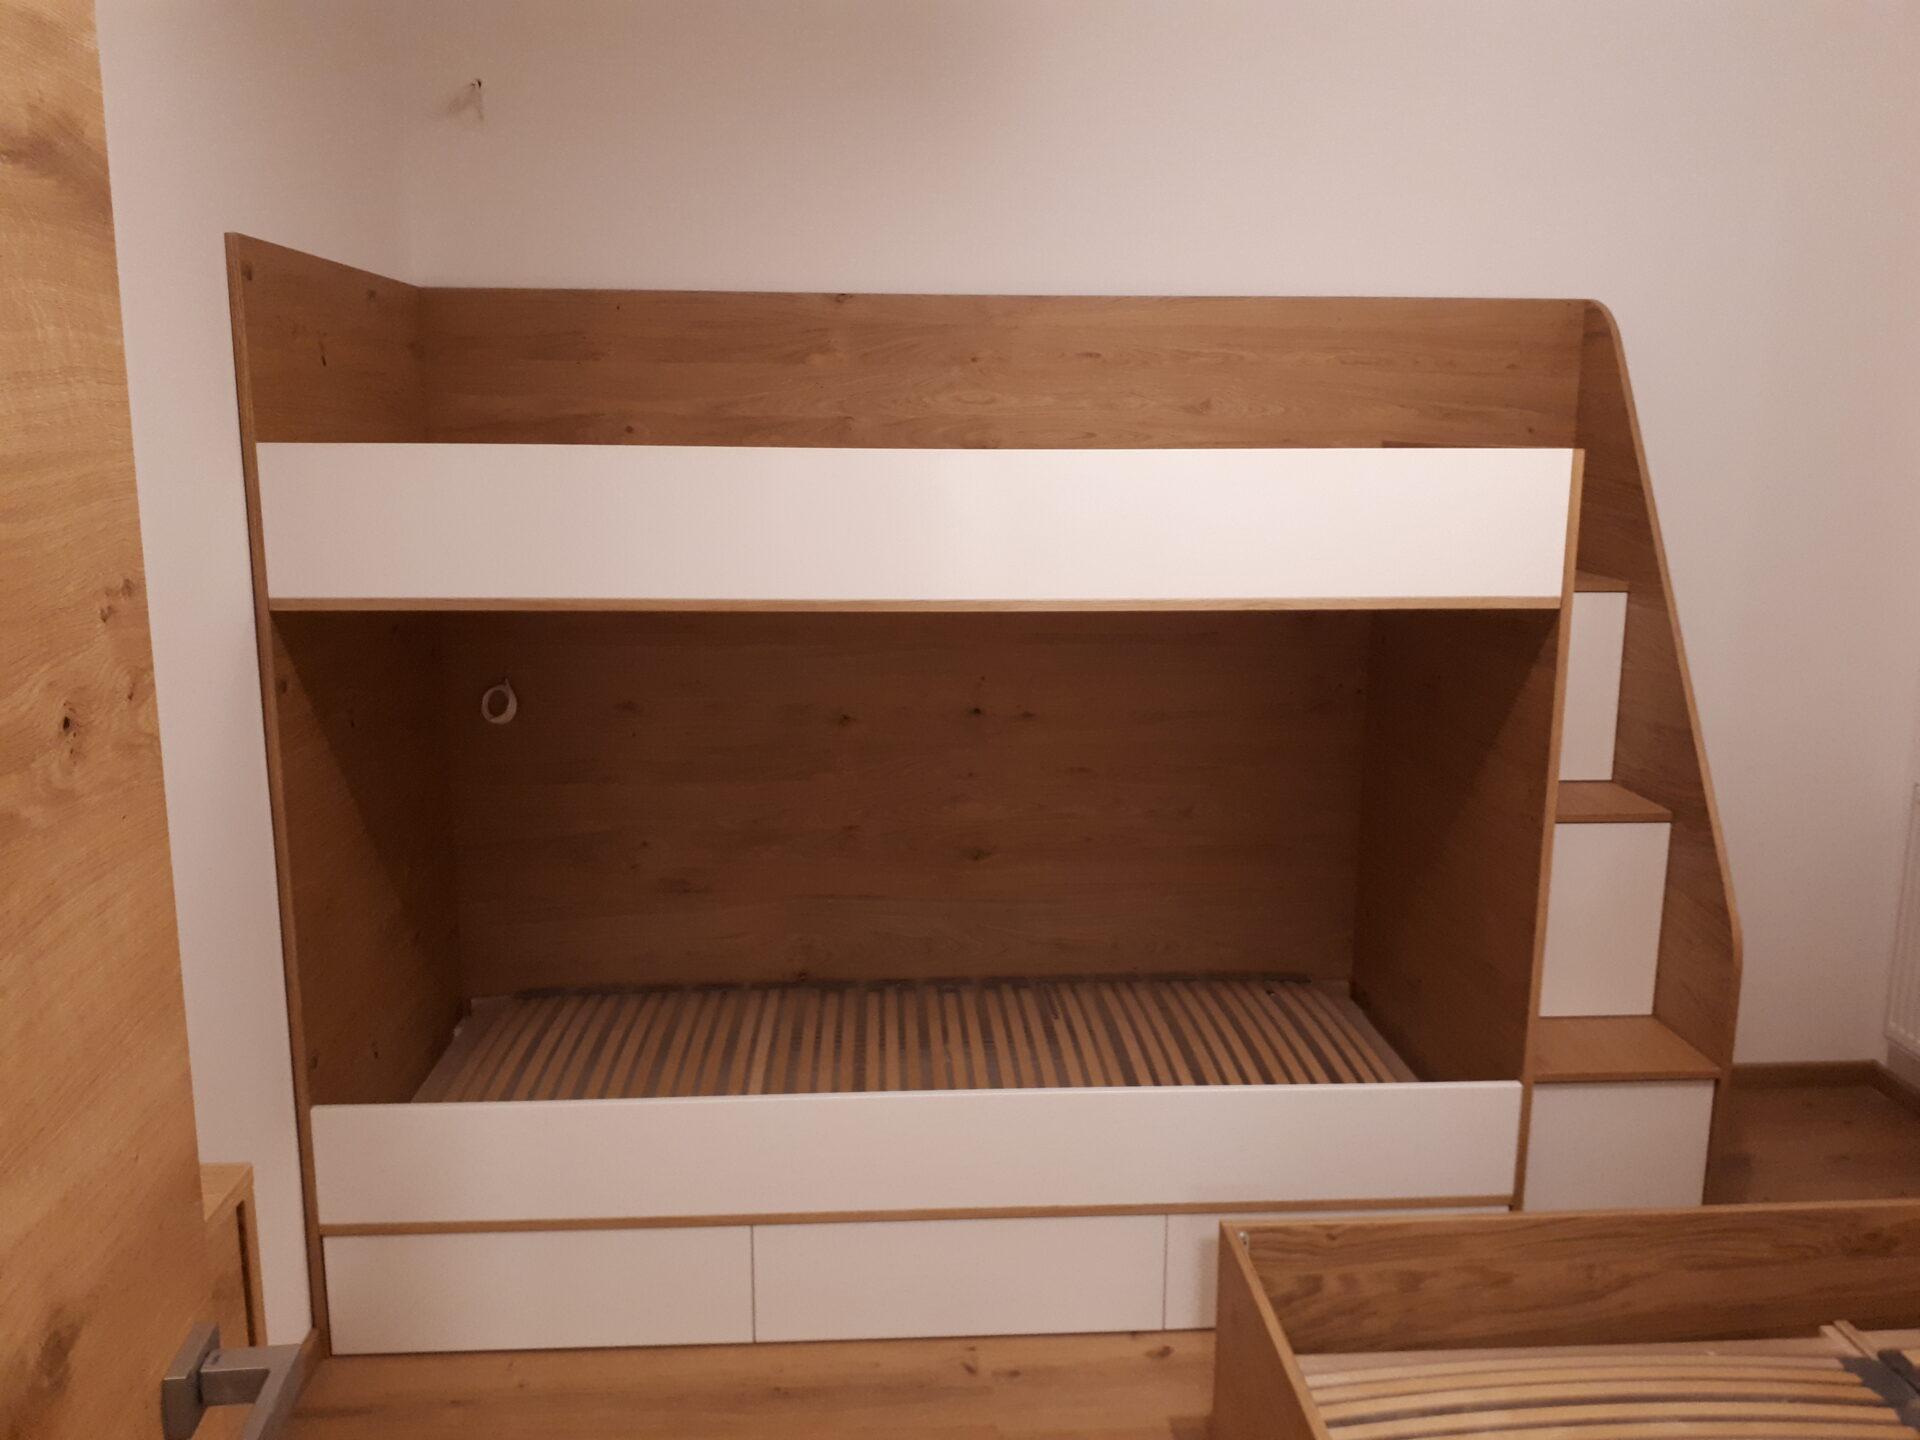 Vgrajene stopnice za pograd v otroški sobi